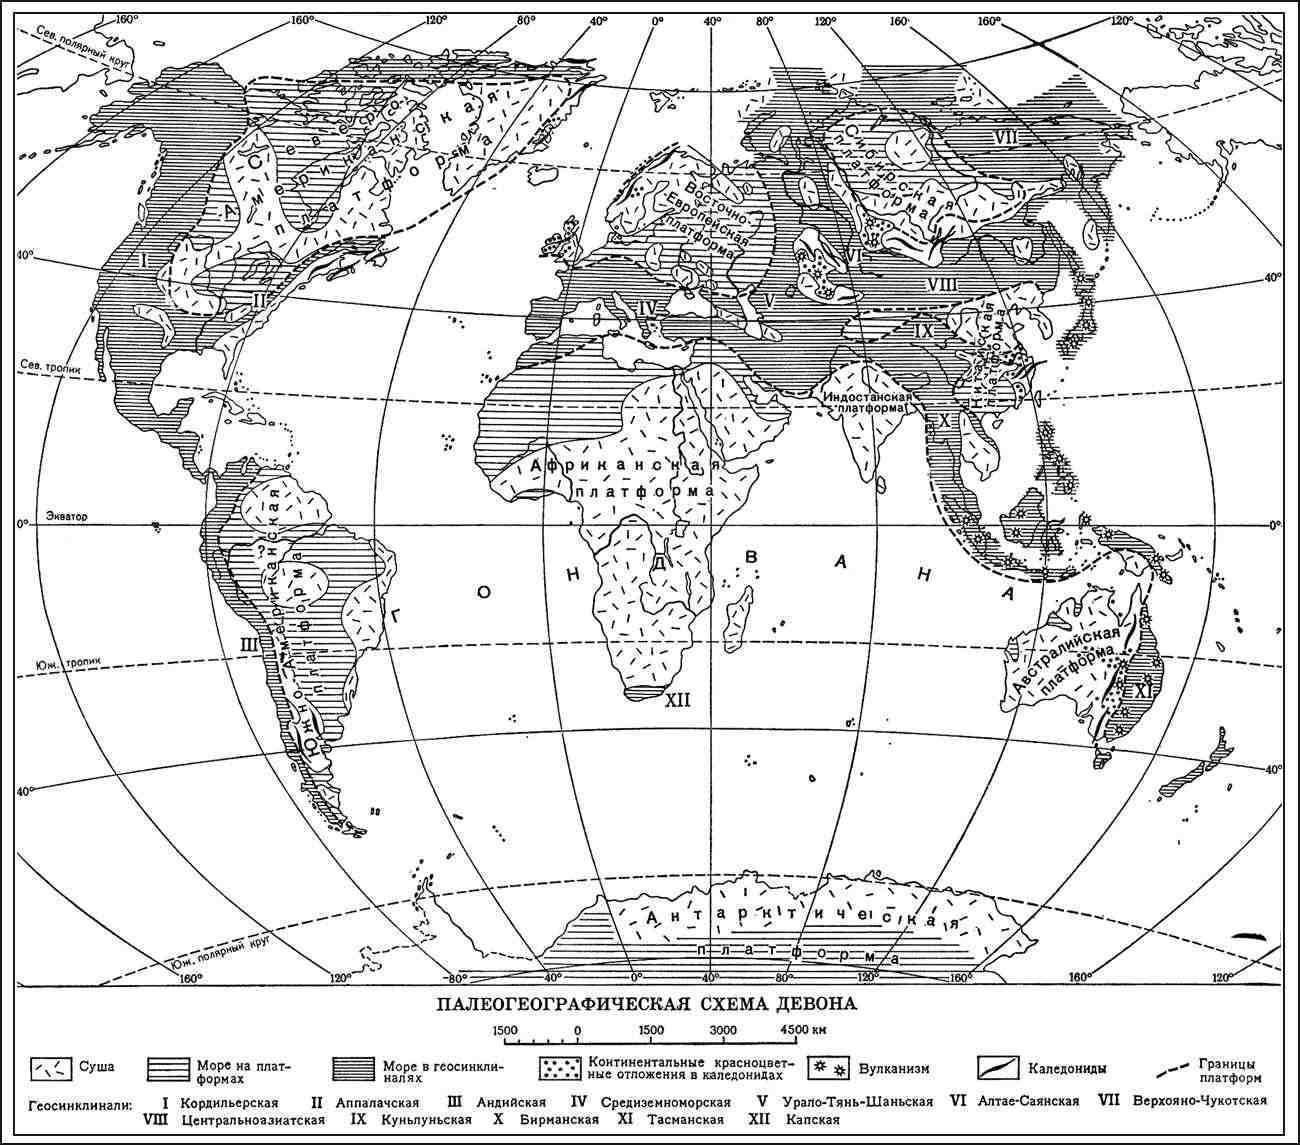 Палеогеографическая схема Девона.  2. Геологічна будова СРСР,т. 1 - Стратиграфия, М.,1968.